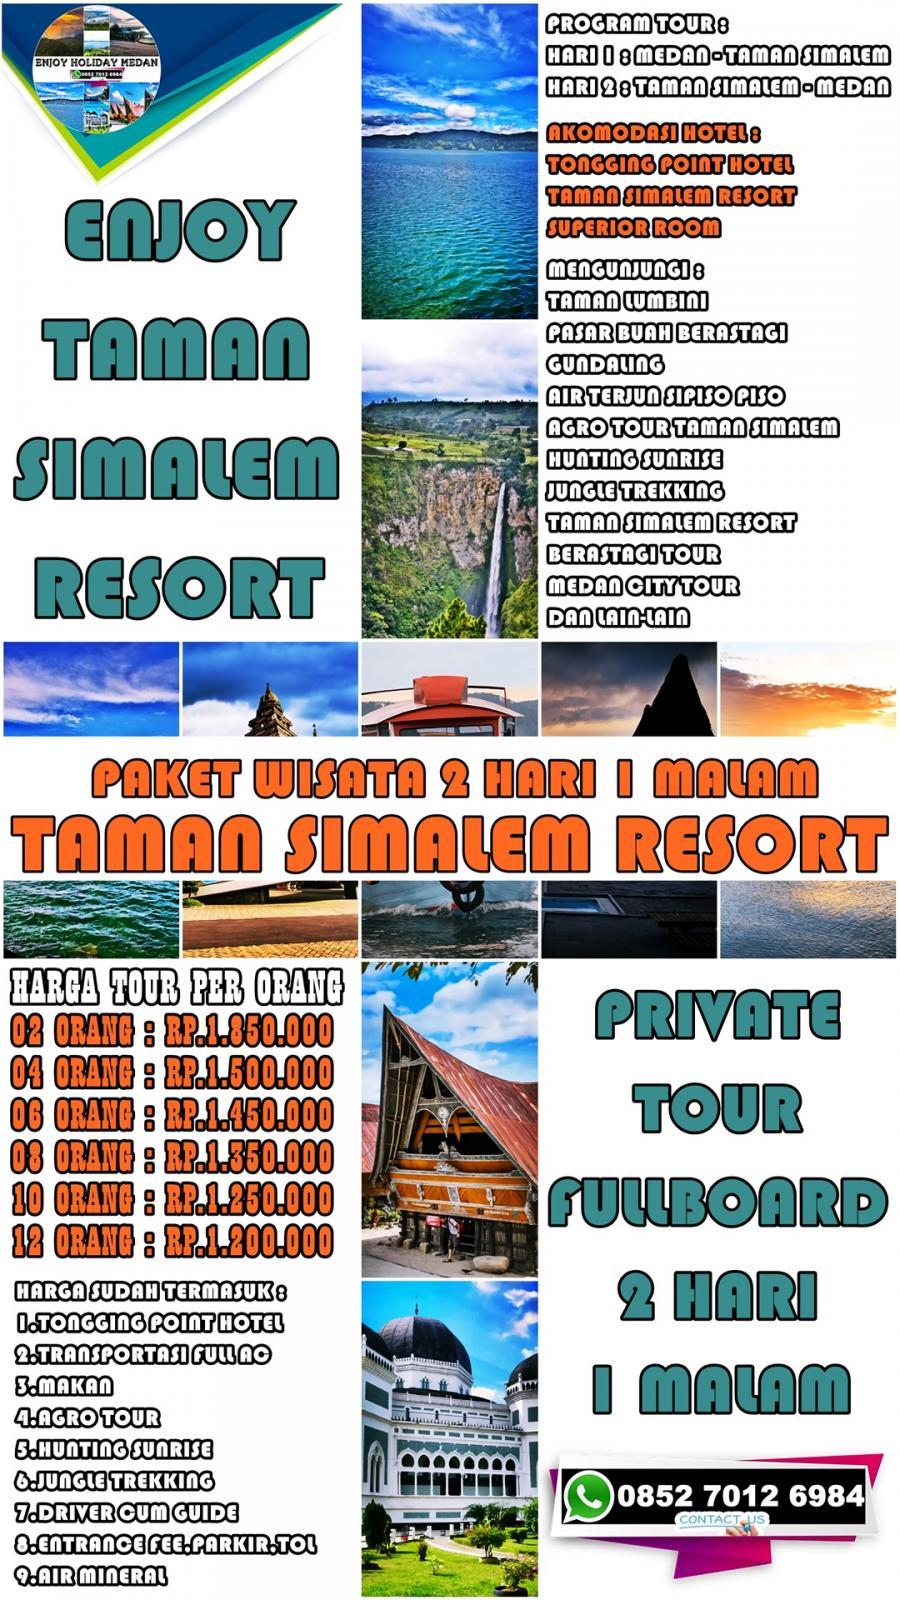 2 Hari 1 Malam Taman Simalem Resort